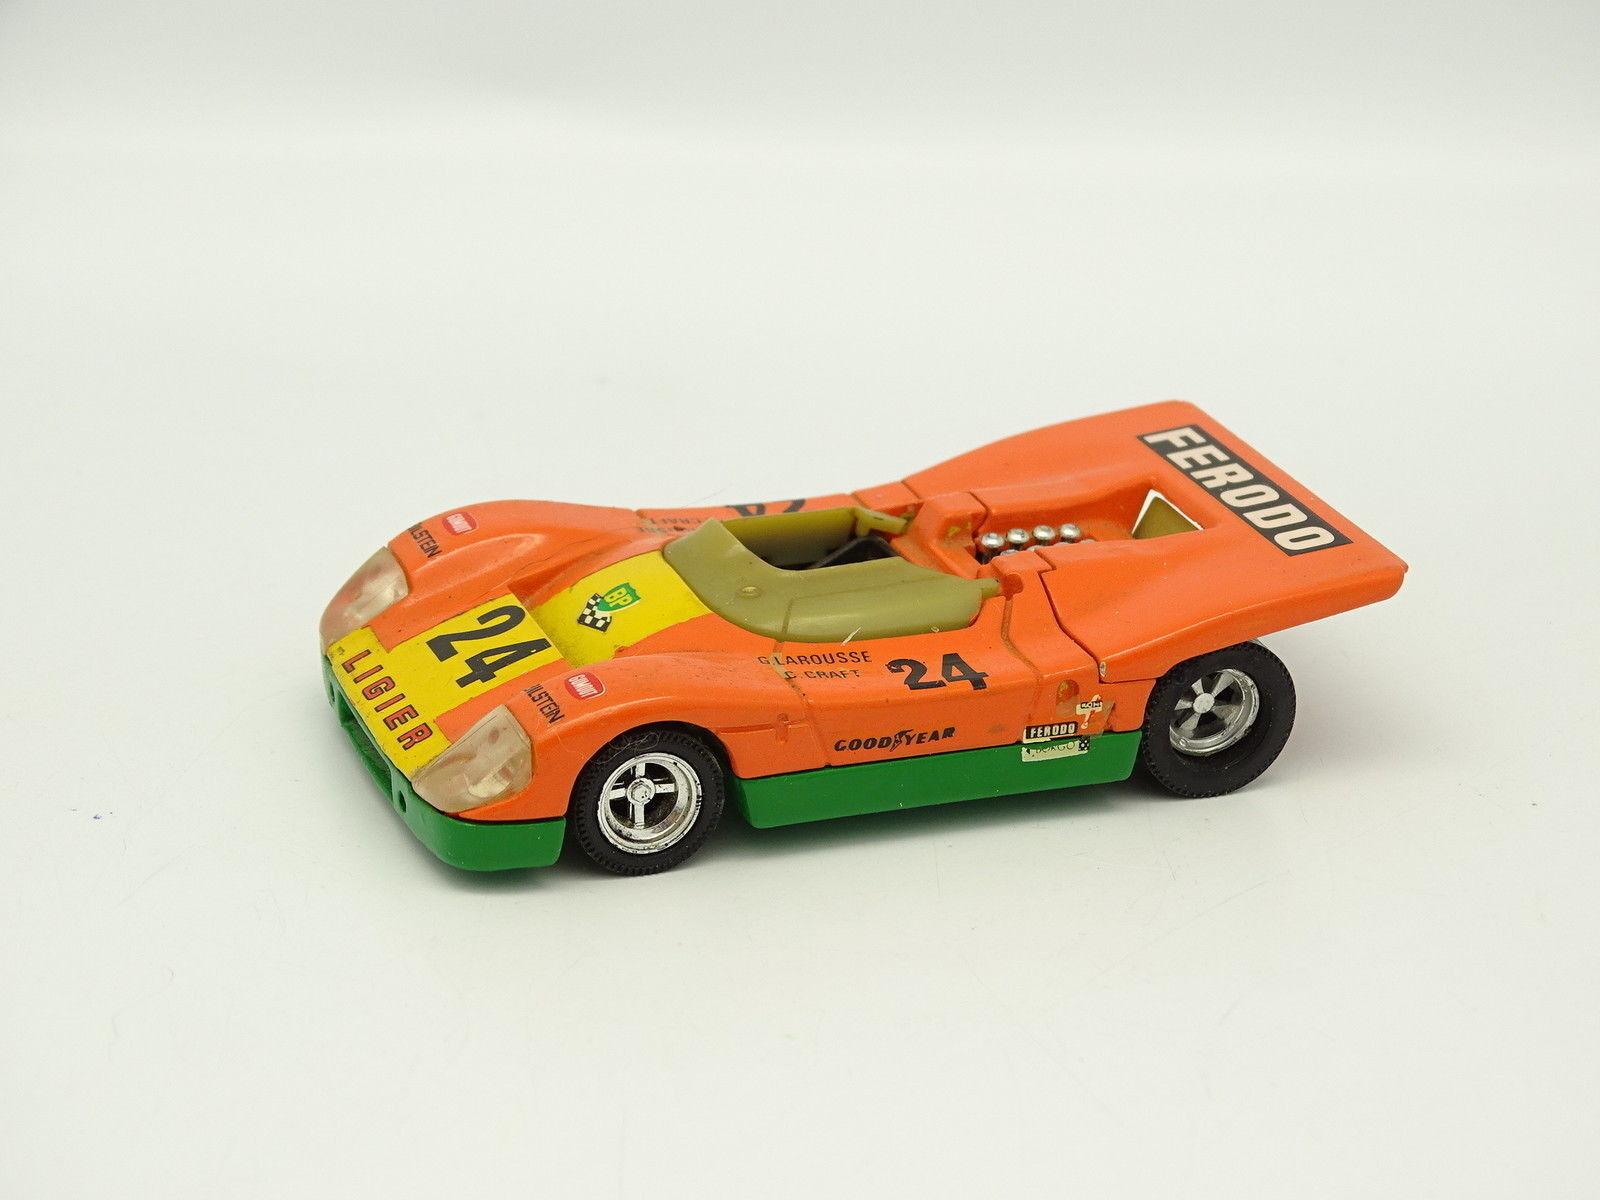 Solido SB 1 43 - Ligier JS3 Le Mans 1971 No.24 orange